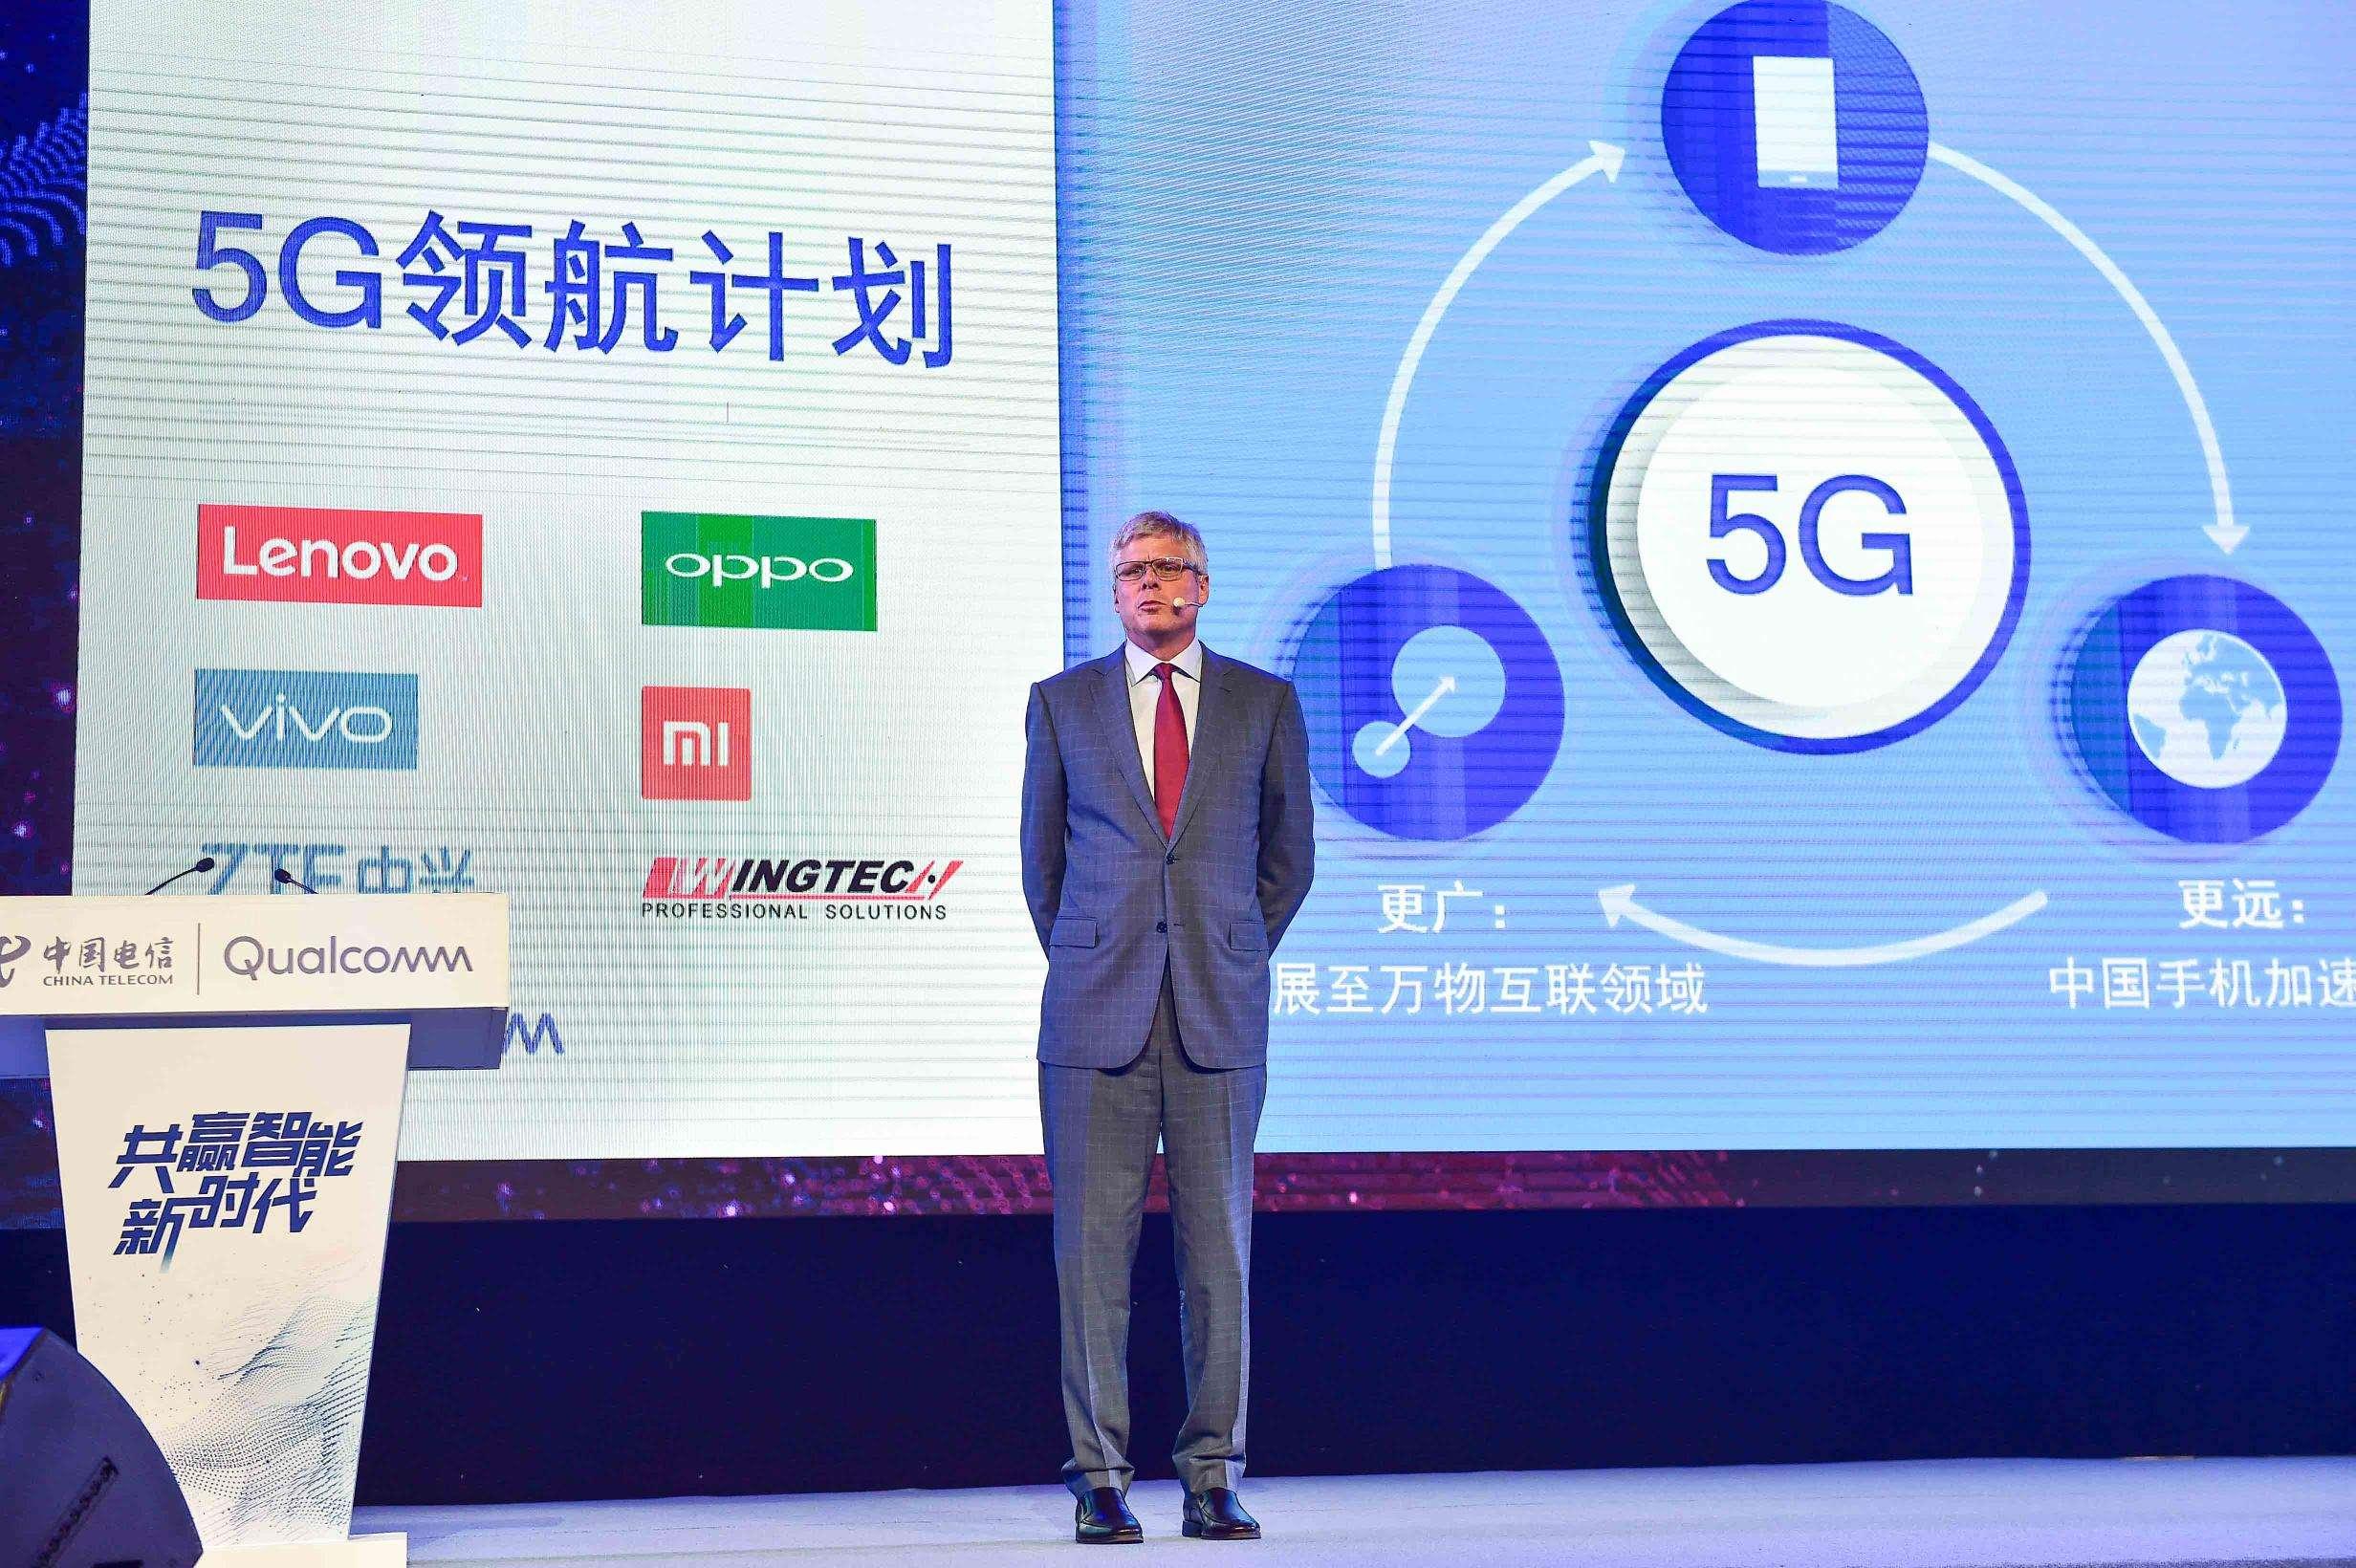 中国信通在PT展上重磅展示两大核心平台和十一项融合创新业务